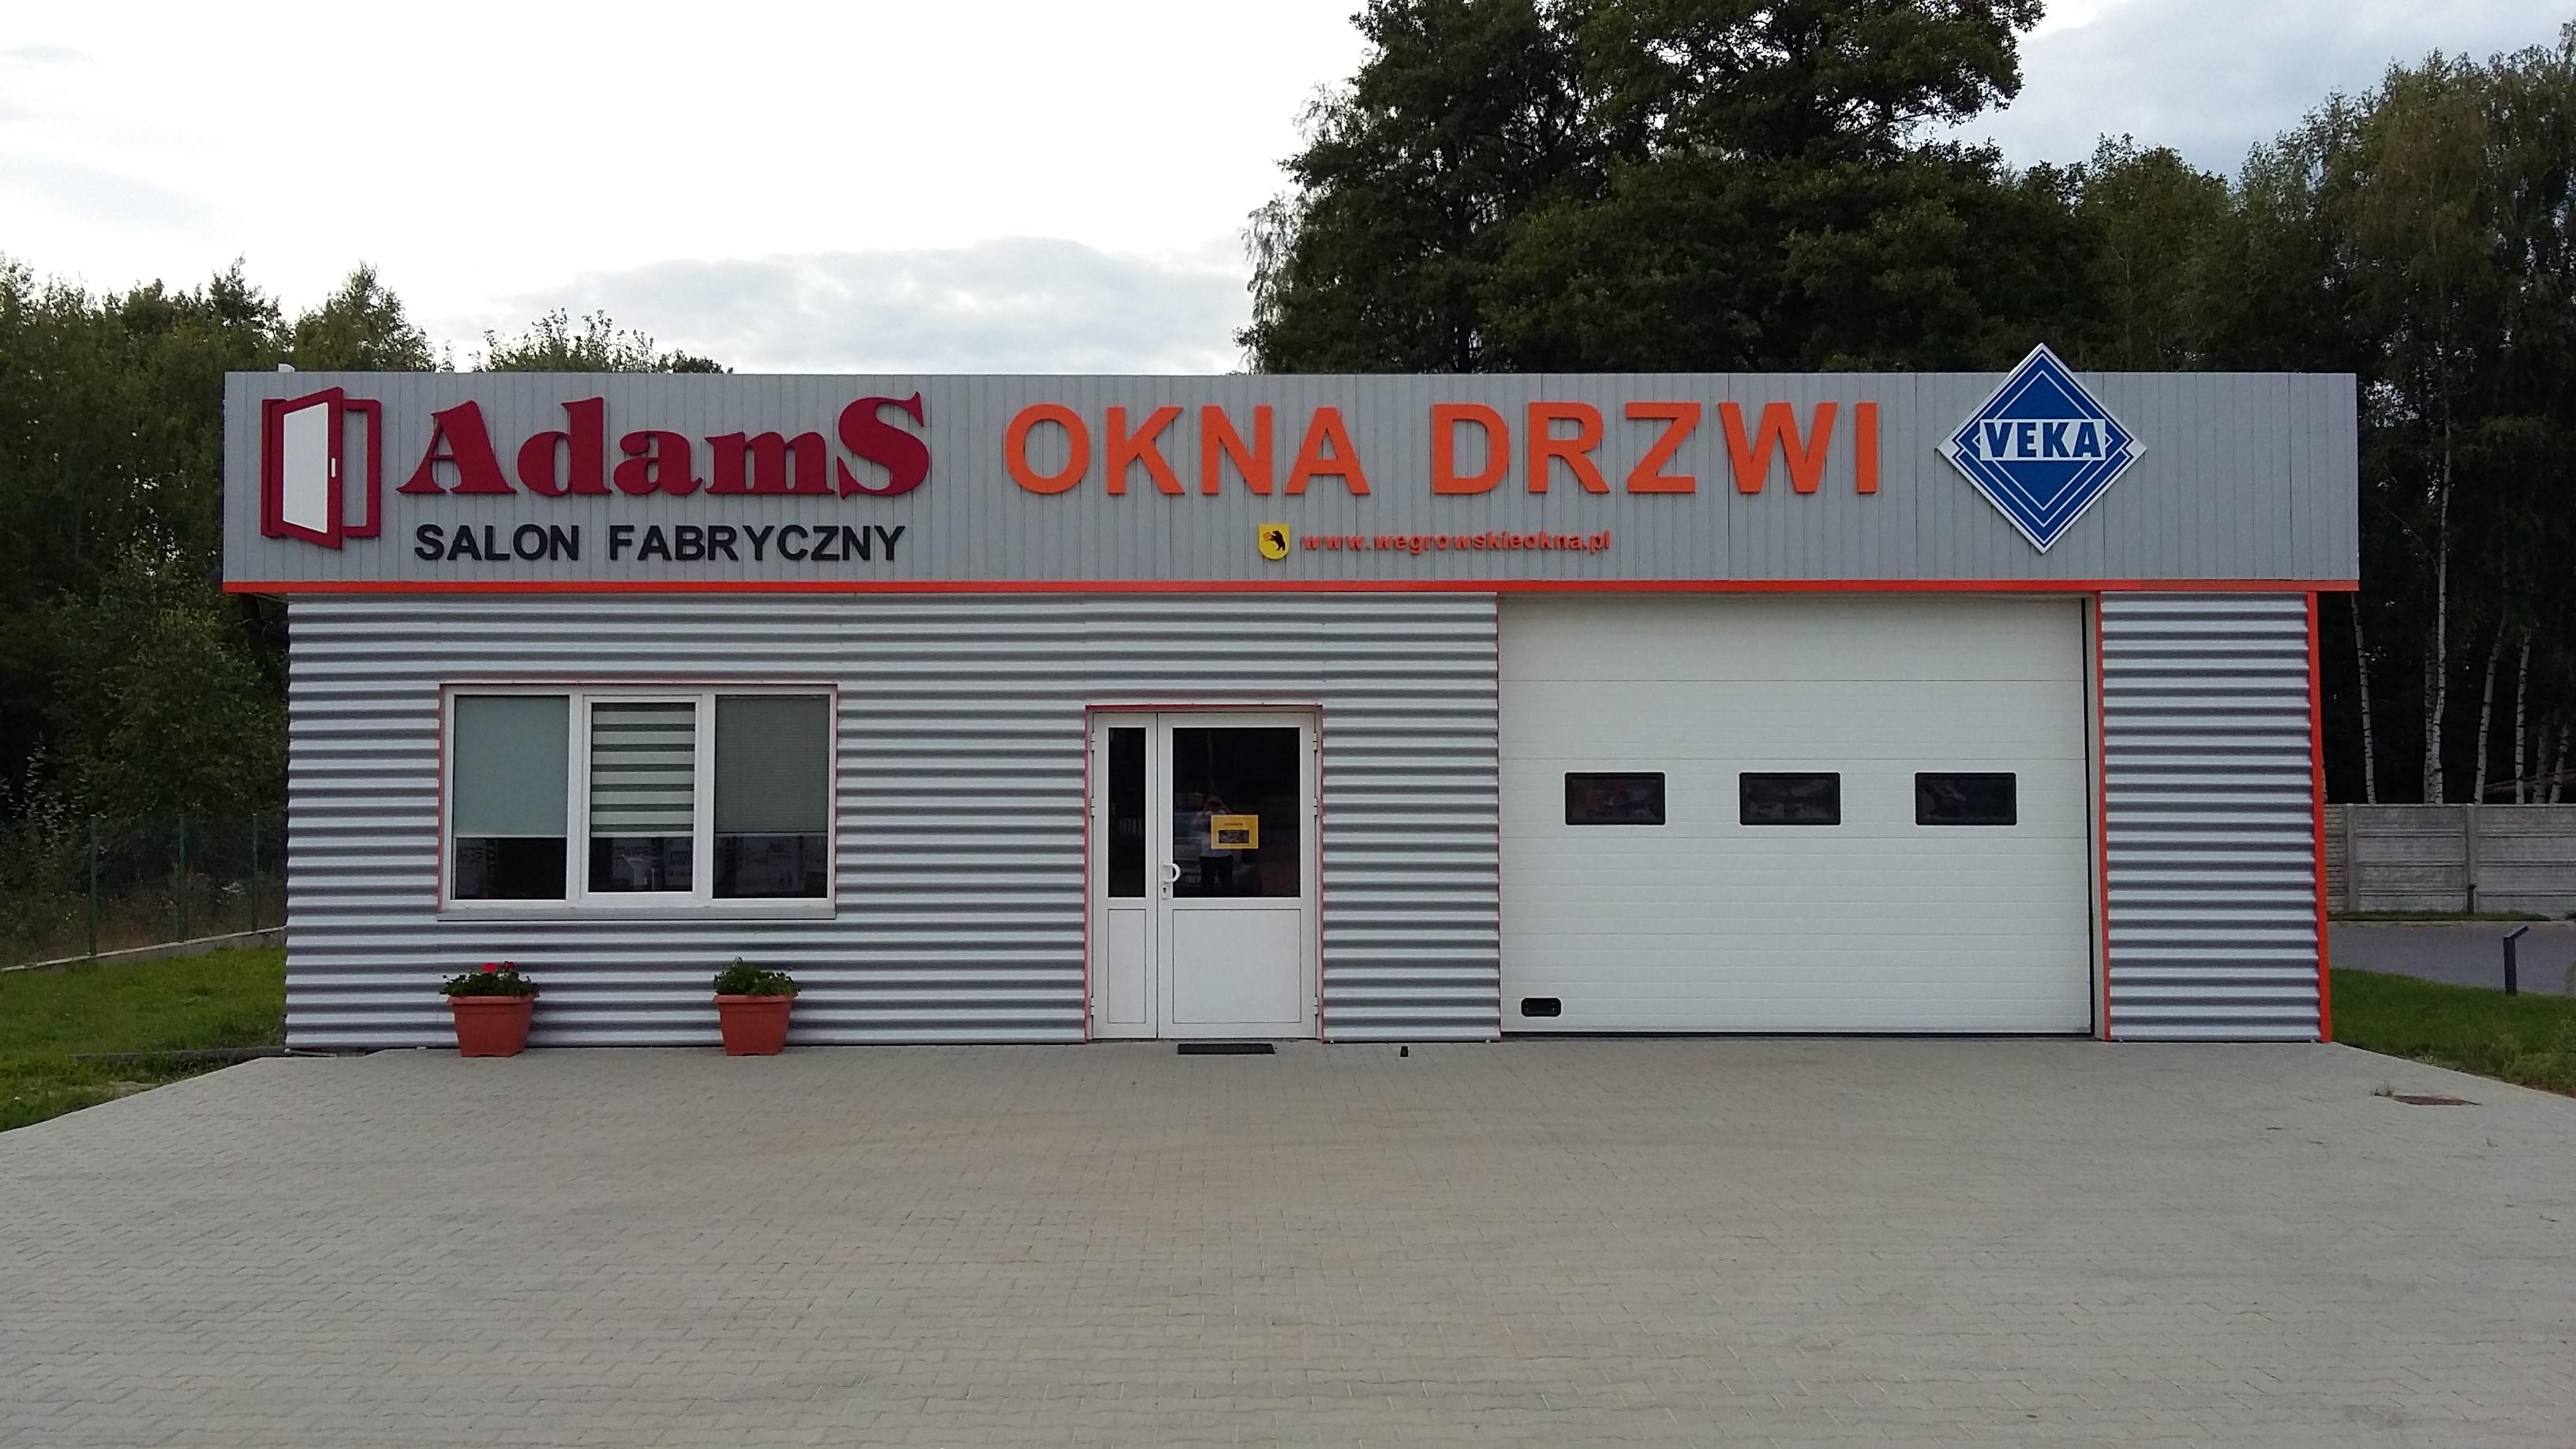 Węgrowskie okna - sprzedaż i montaż okien, drzwi i bram garażowych